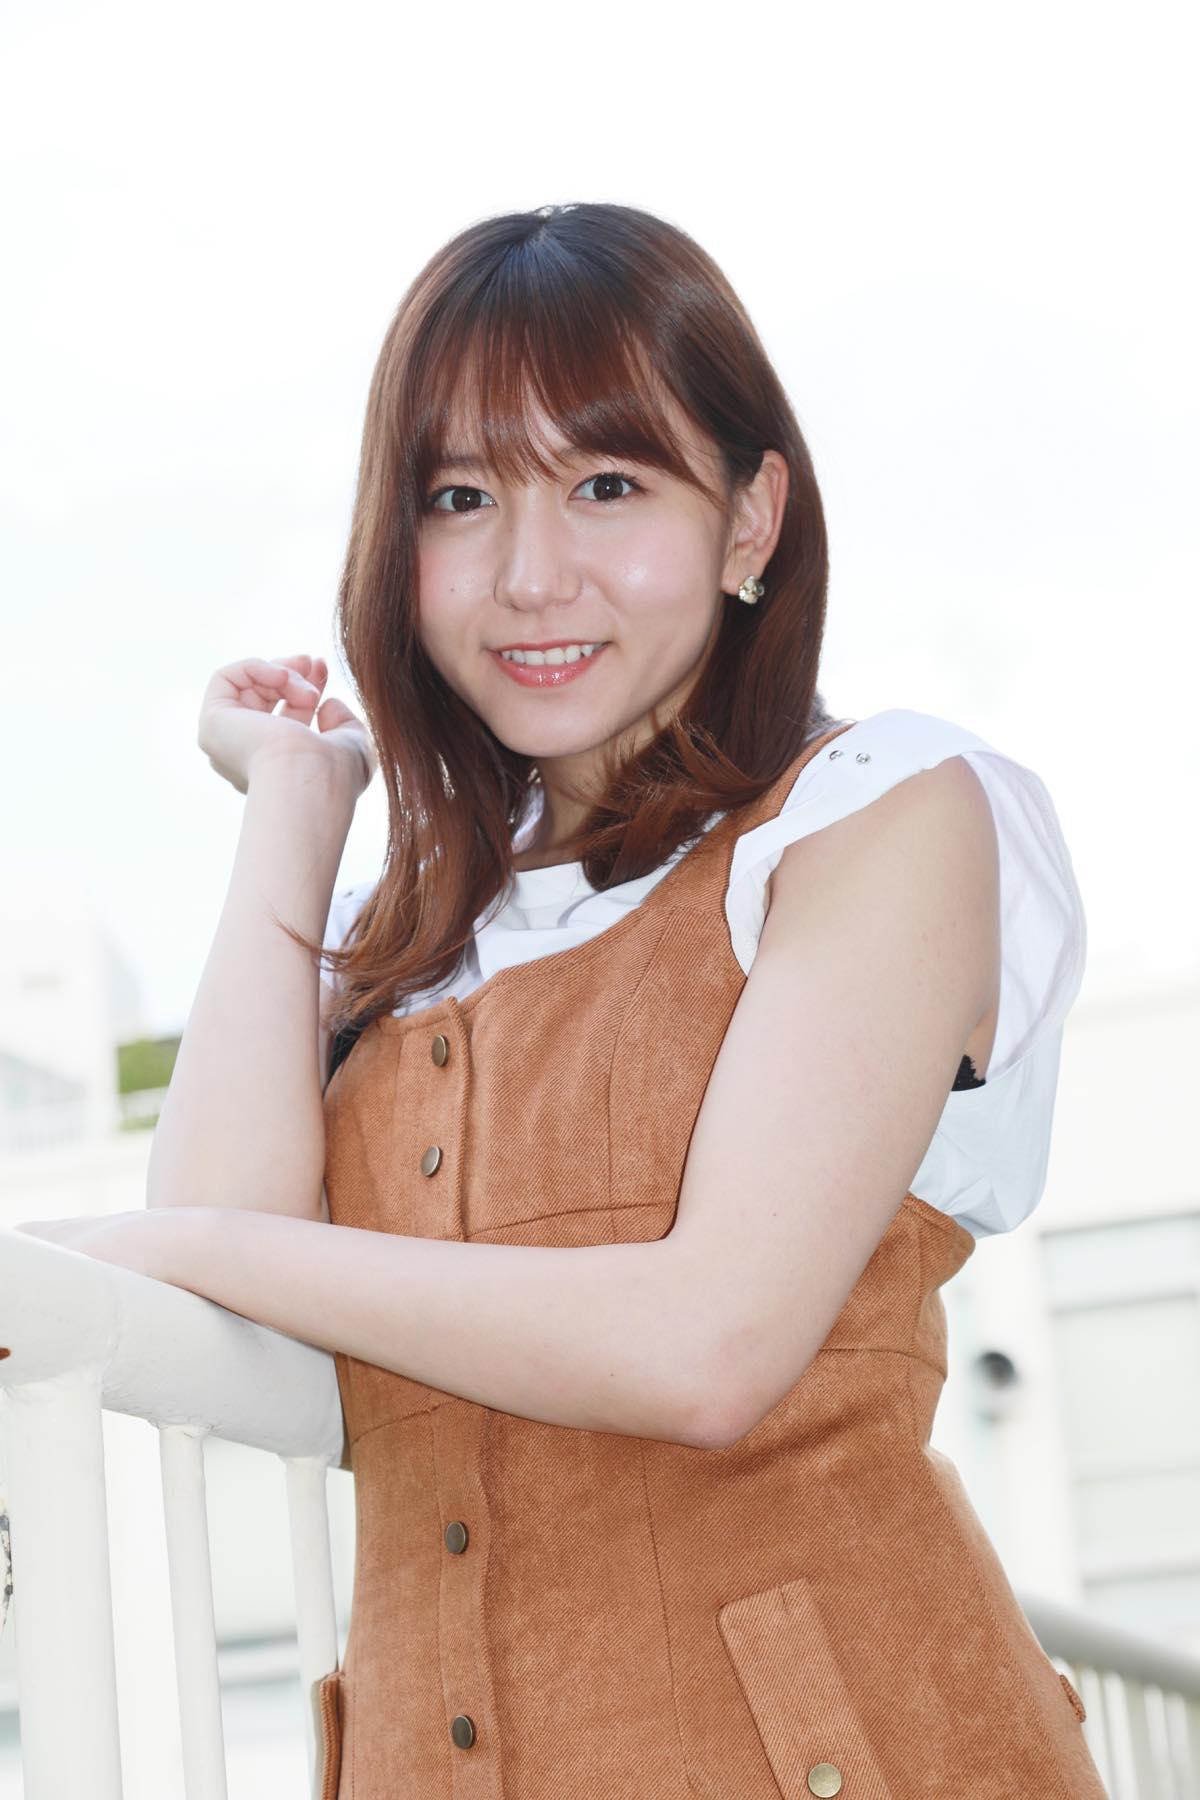 SKE48大場美奈『ハケンアニメ!』主演は「夢かな?」と思うくらいびっくり【独占インタビュー1/4】の画像005